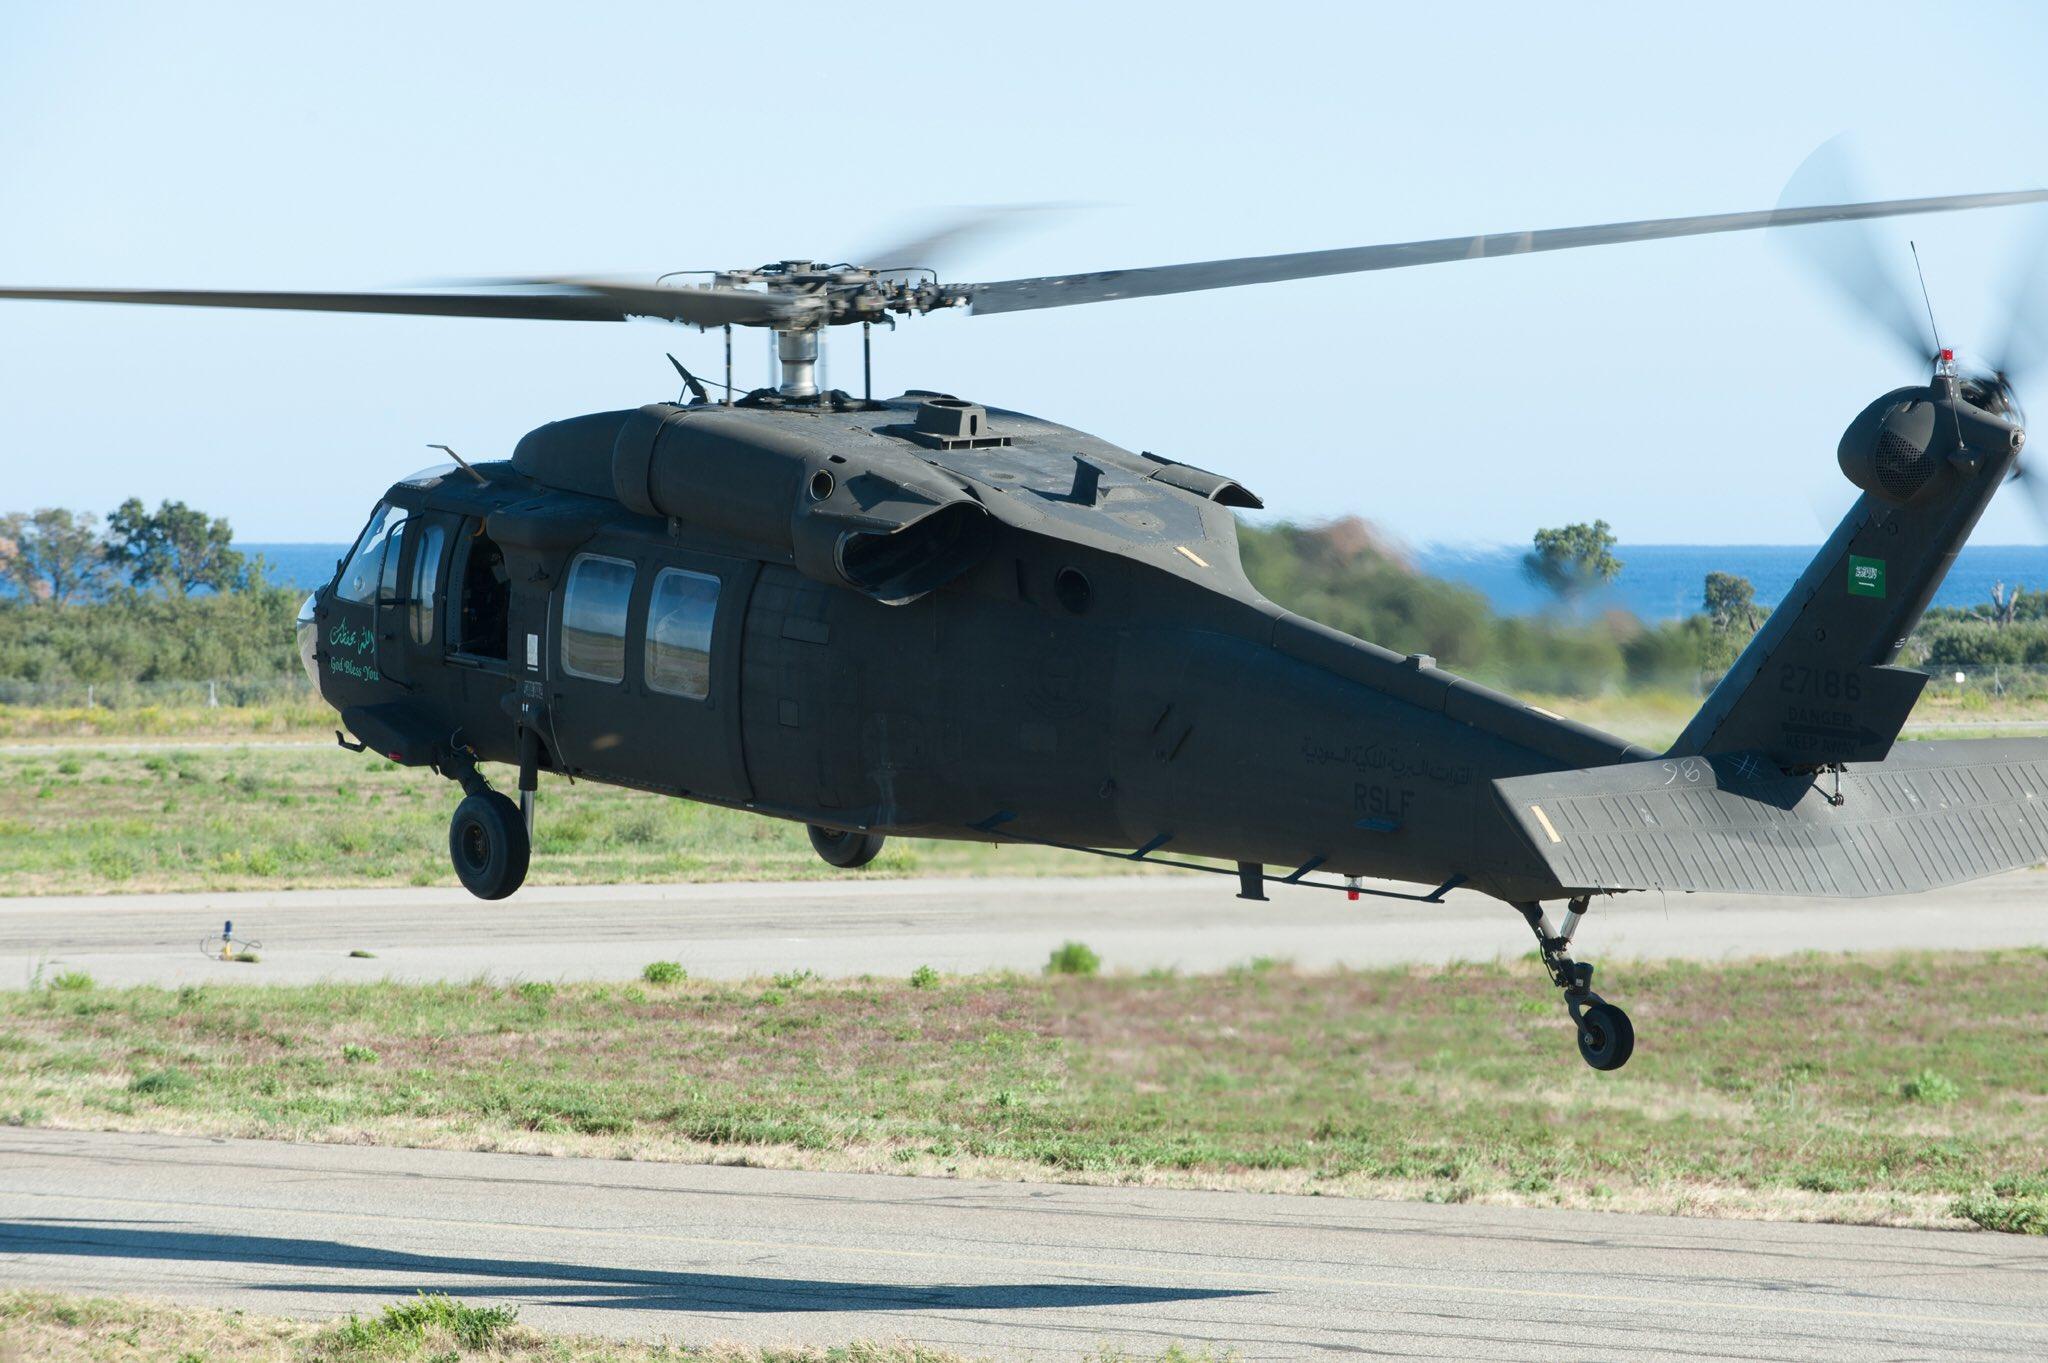 Многоцелевой вертолет Sikorsky UH-60L Black Hawk армейской авиации Саудовской Аравии, 2014 год.